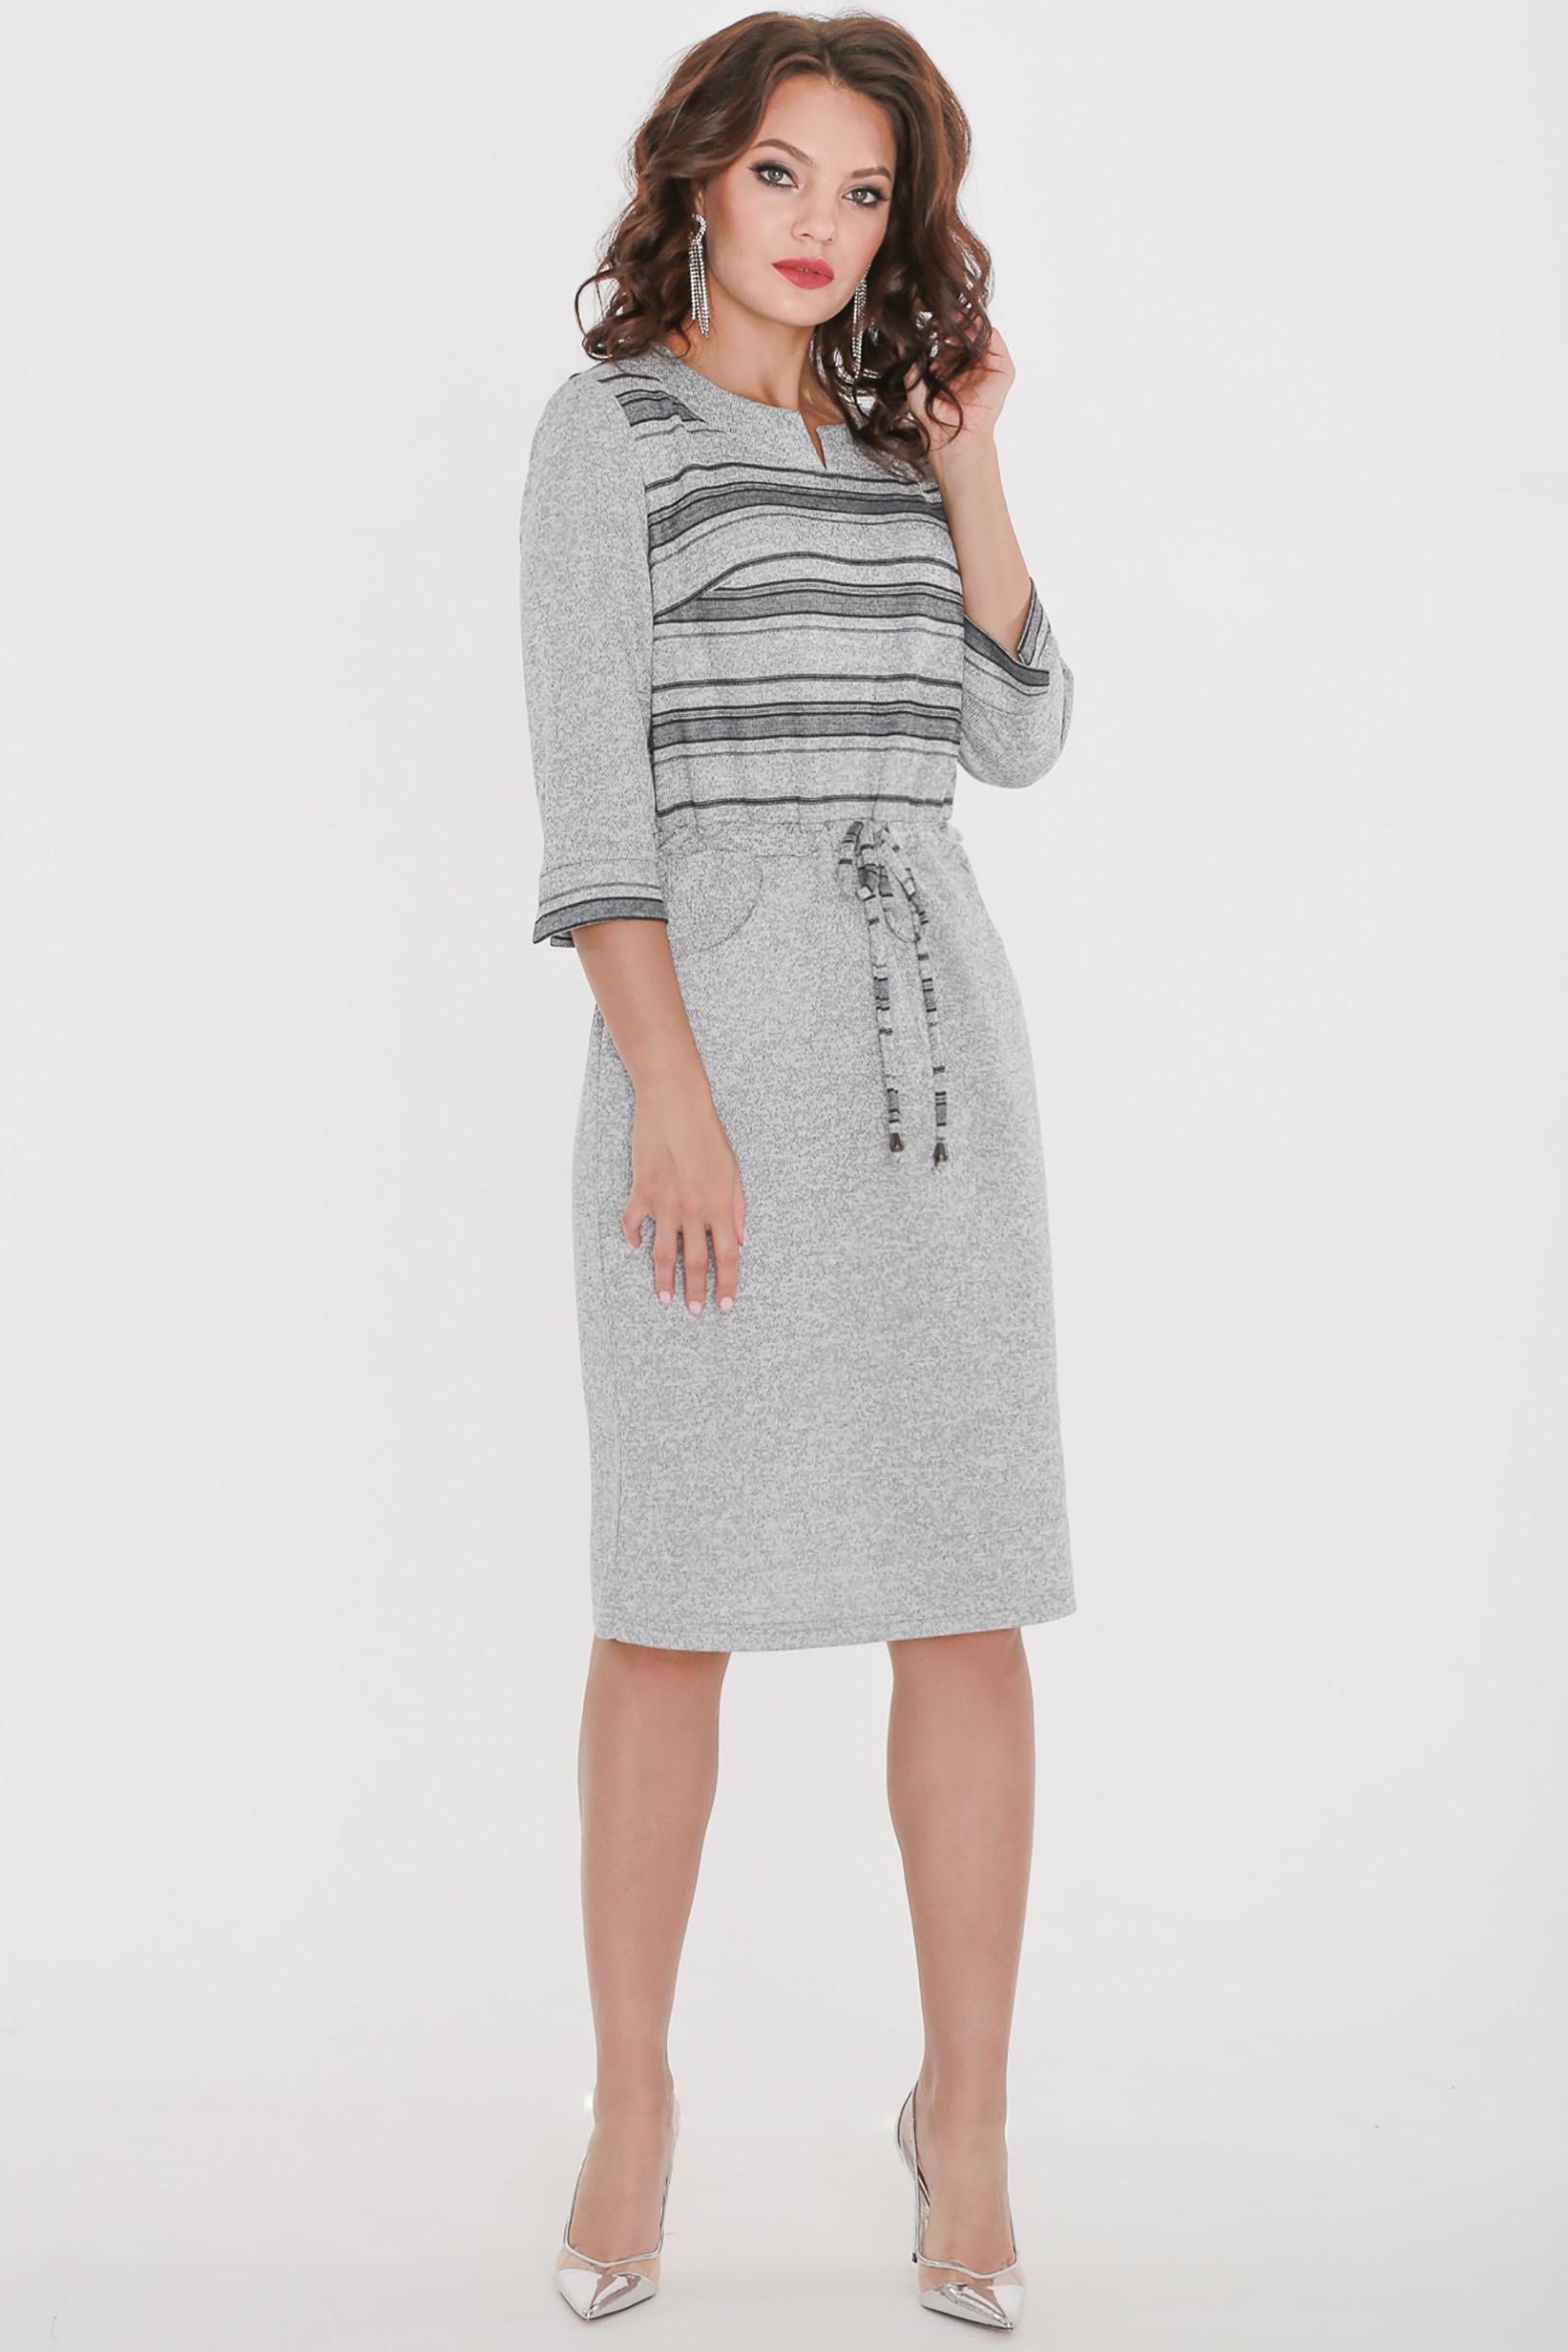 Платье женское Миллена Шарм 500 серое 56 RU